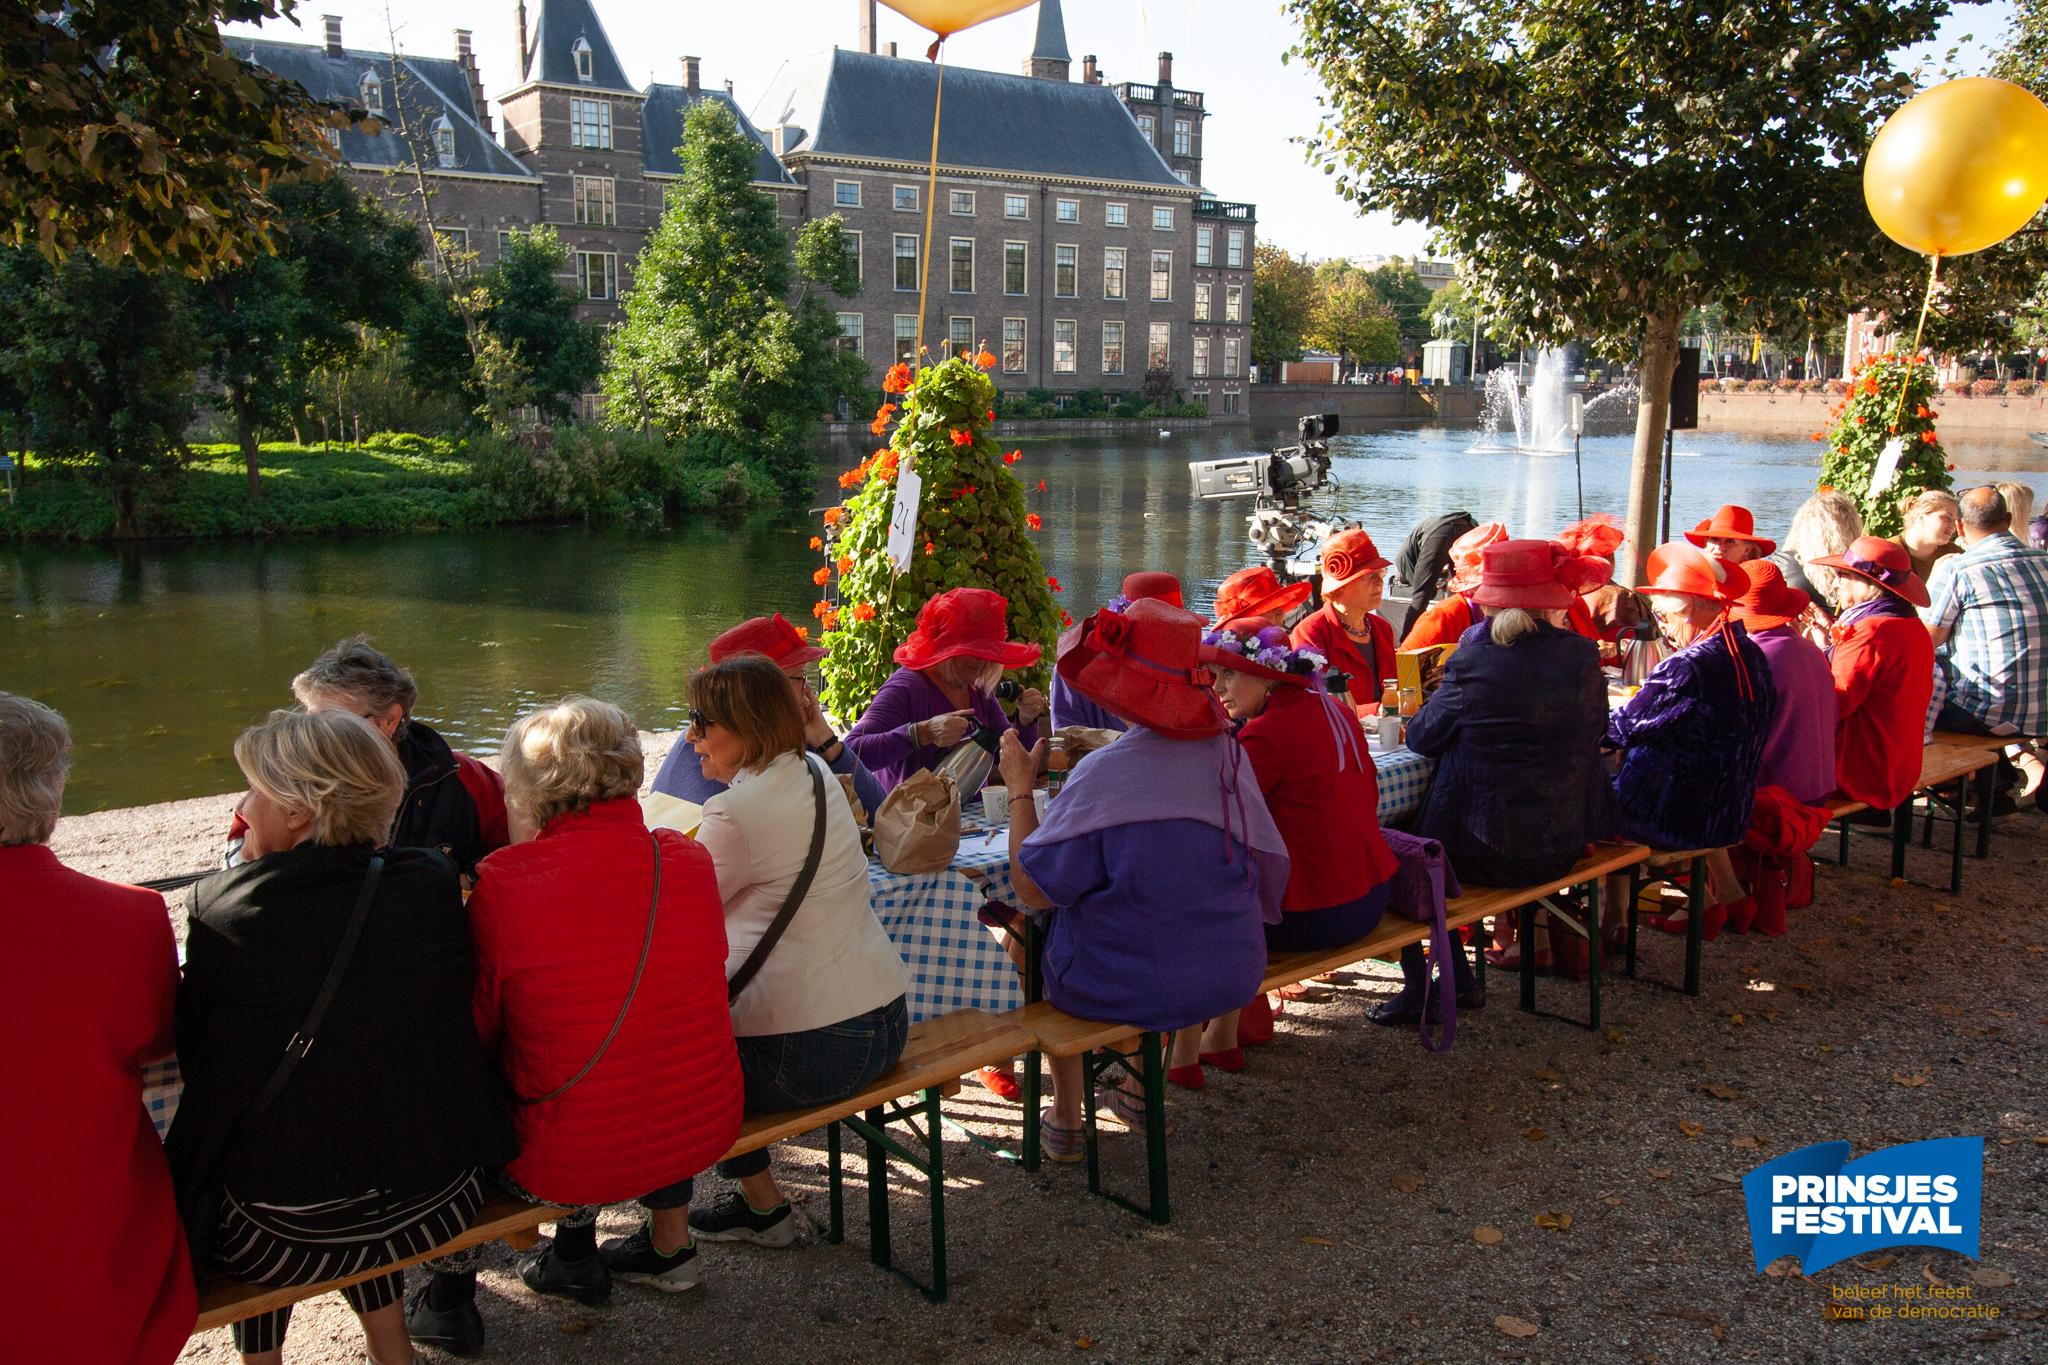 Prinsjesontbijt 2019 | ©Remco den Arend